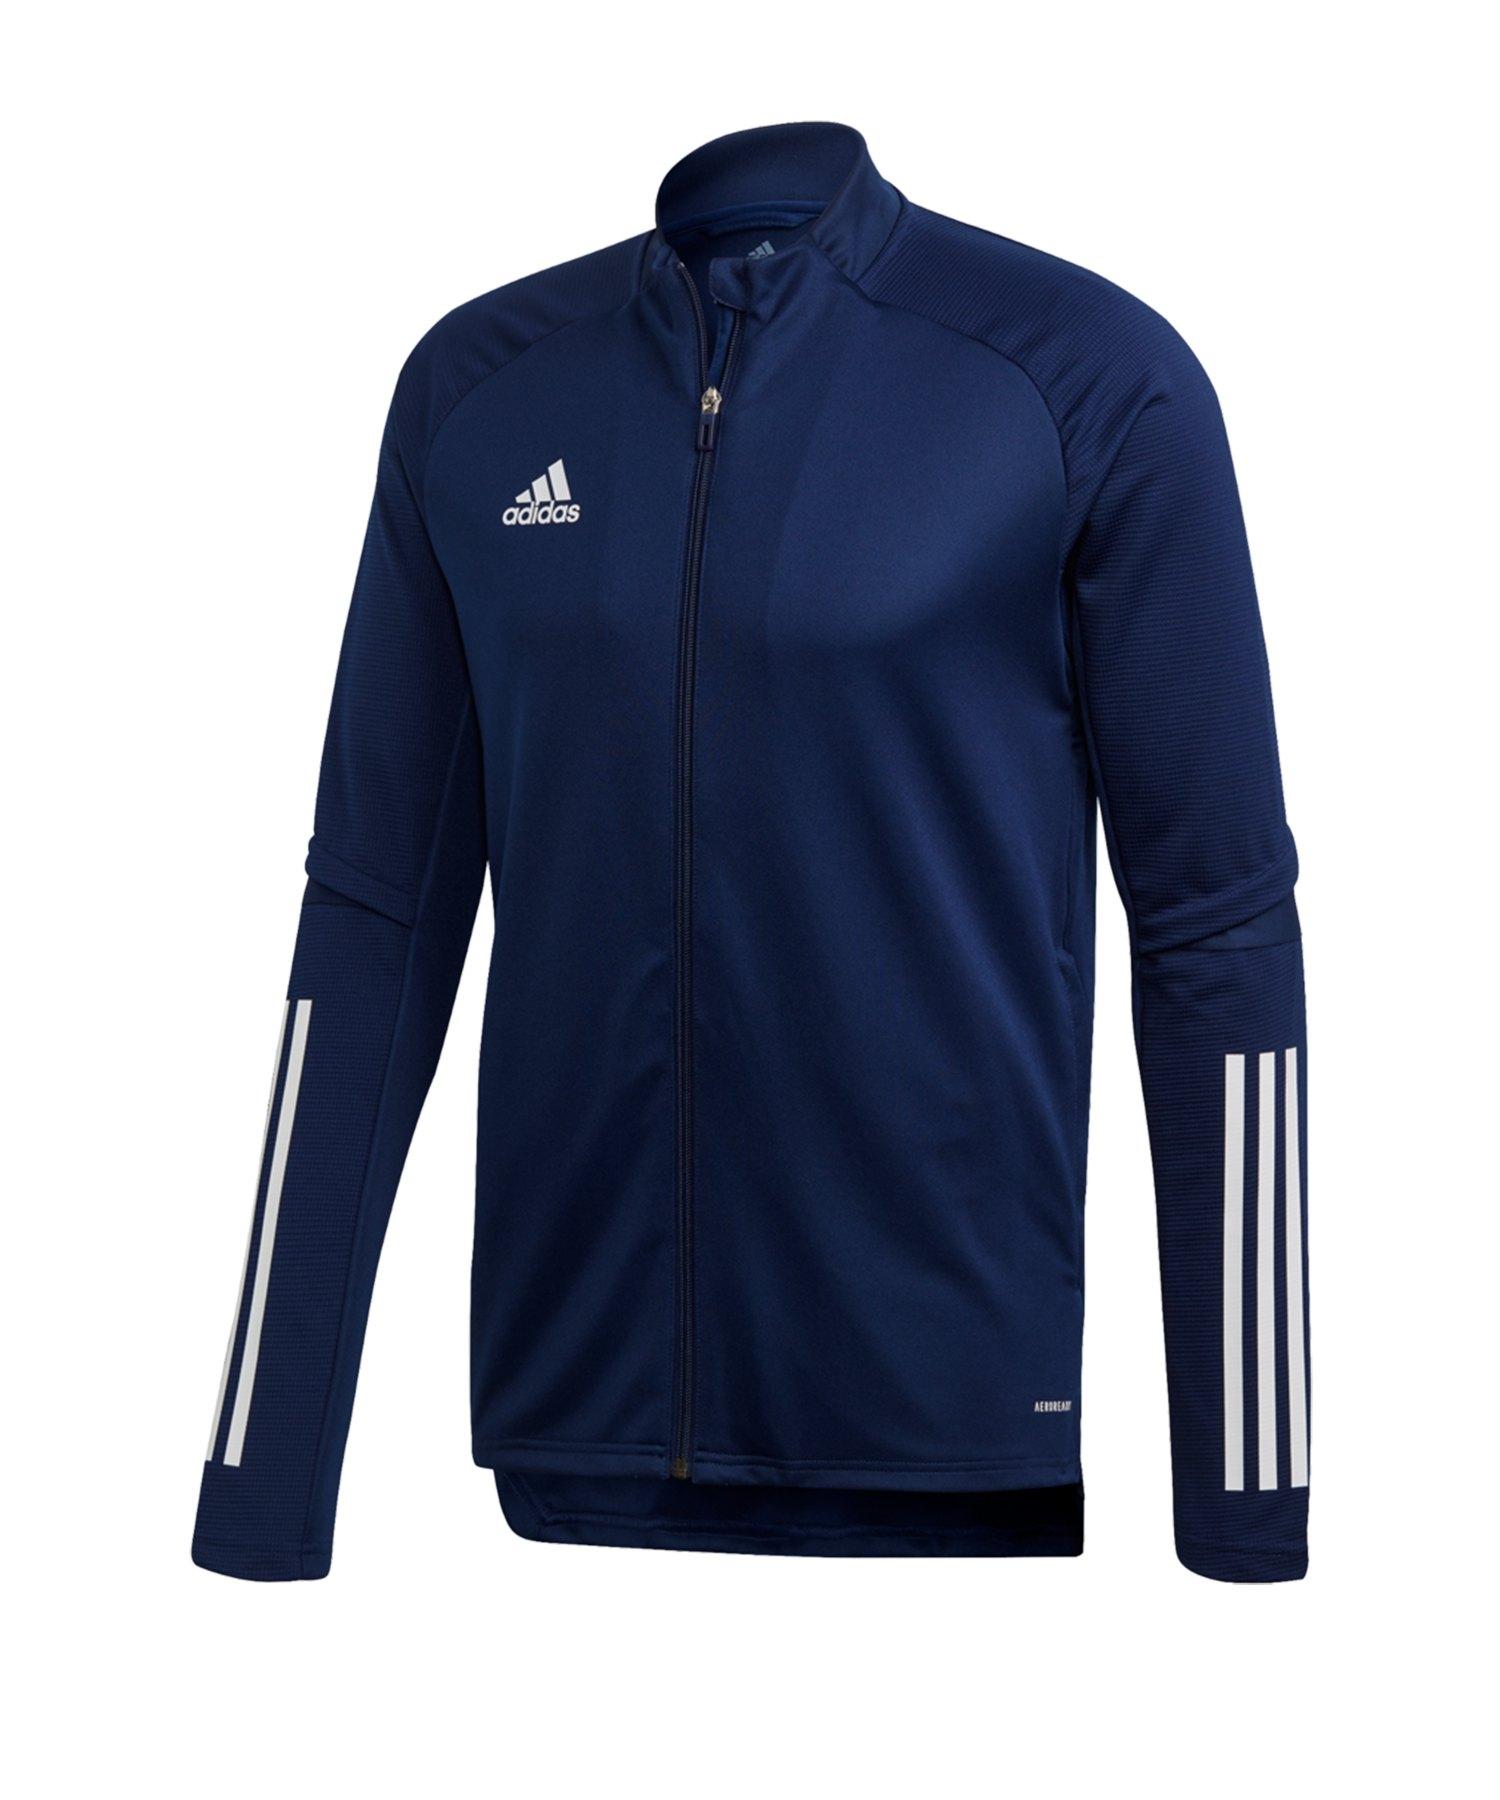 adidas Condivo 20 Trainingsjacke Dunkelblau - blau